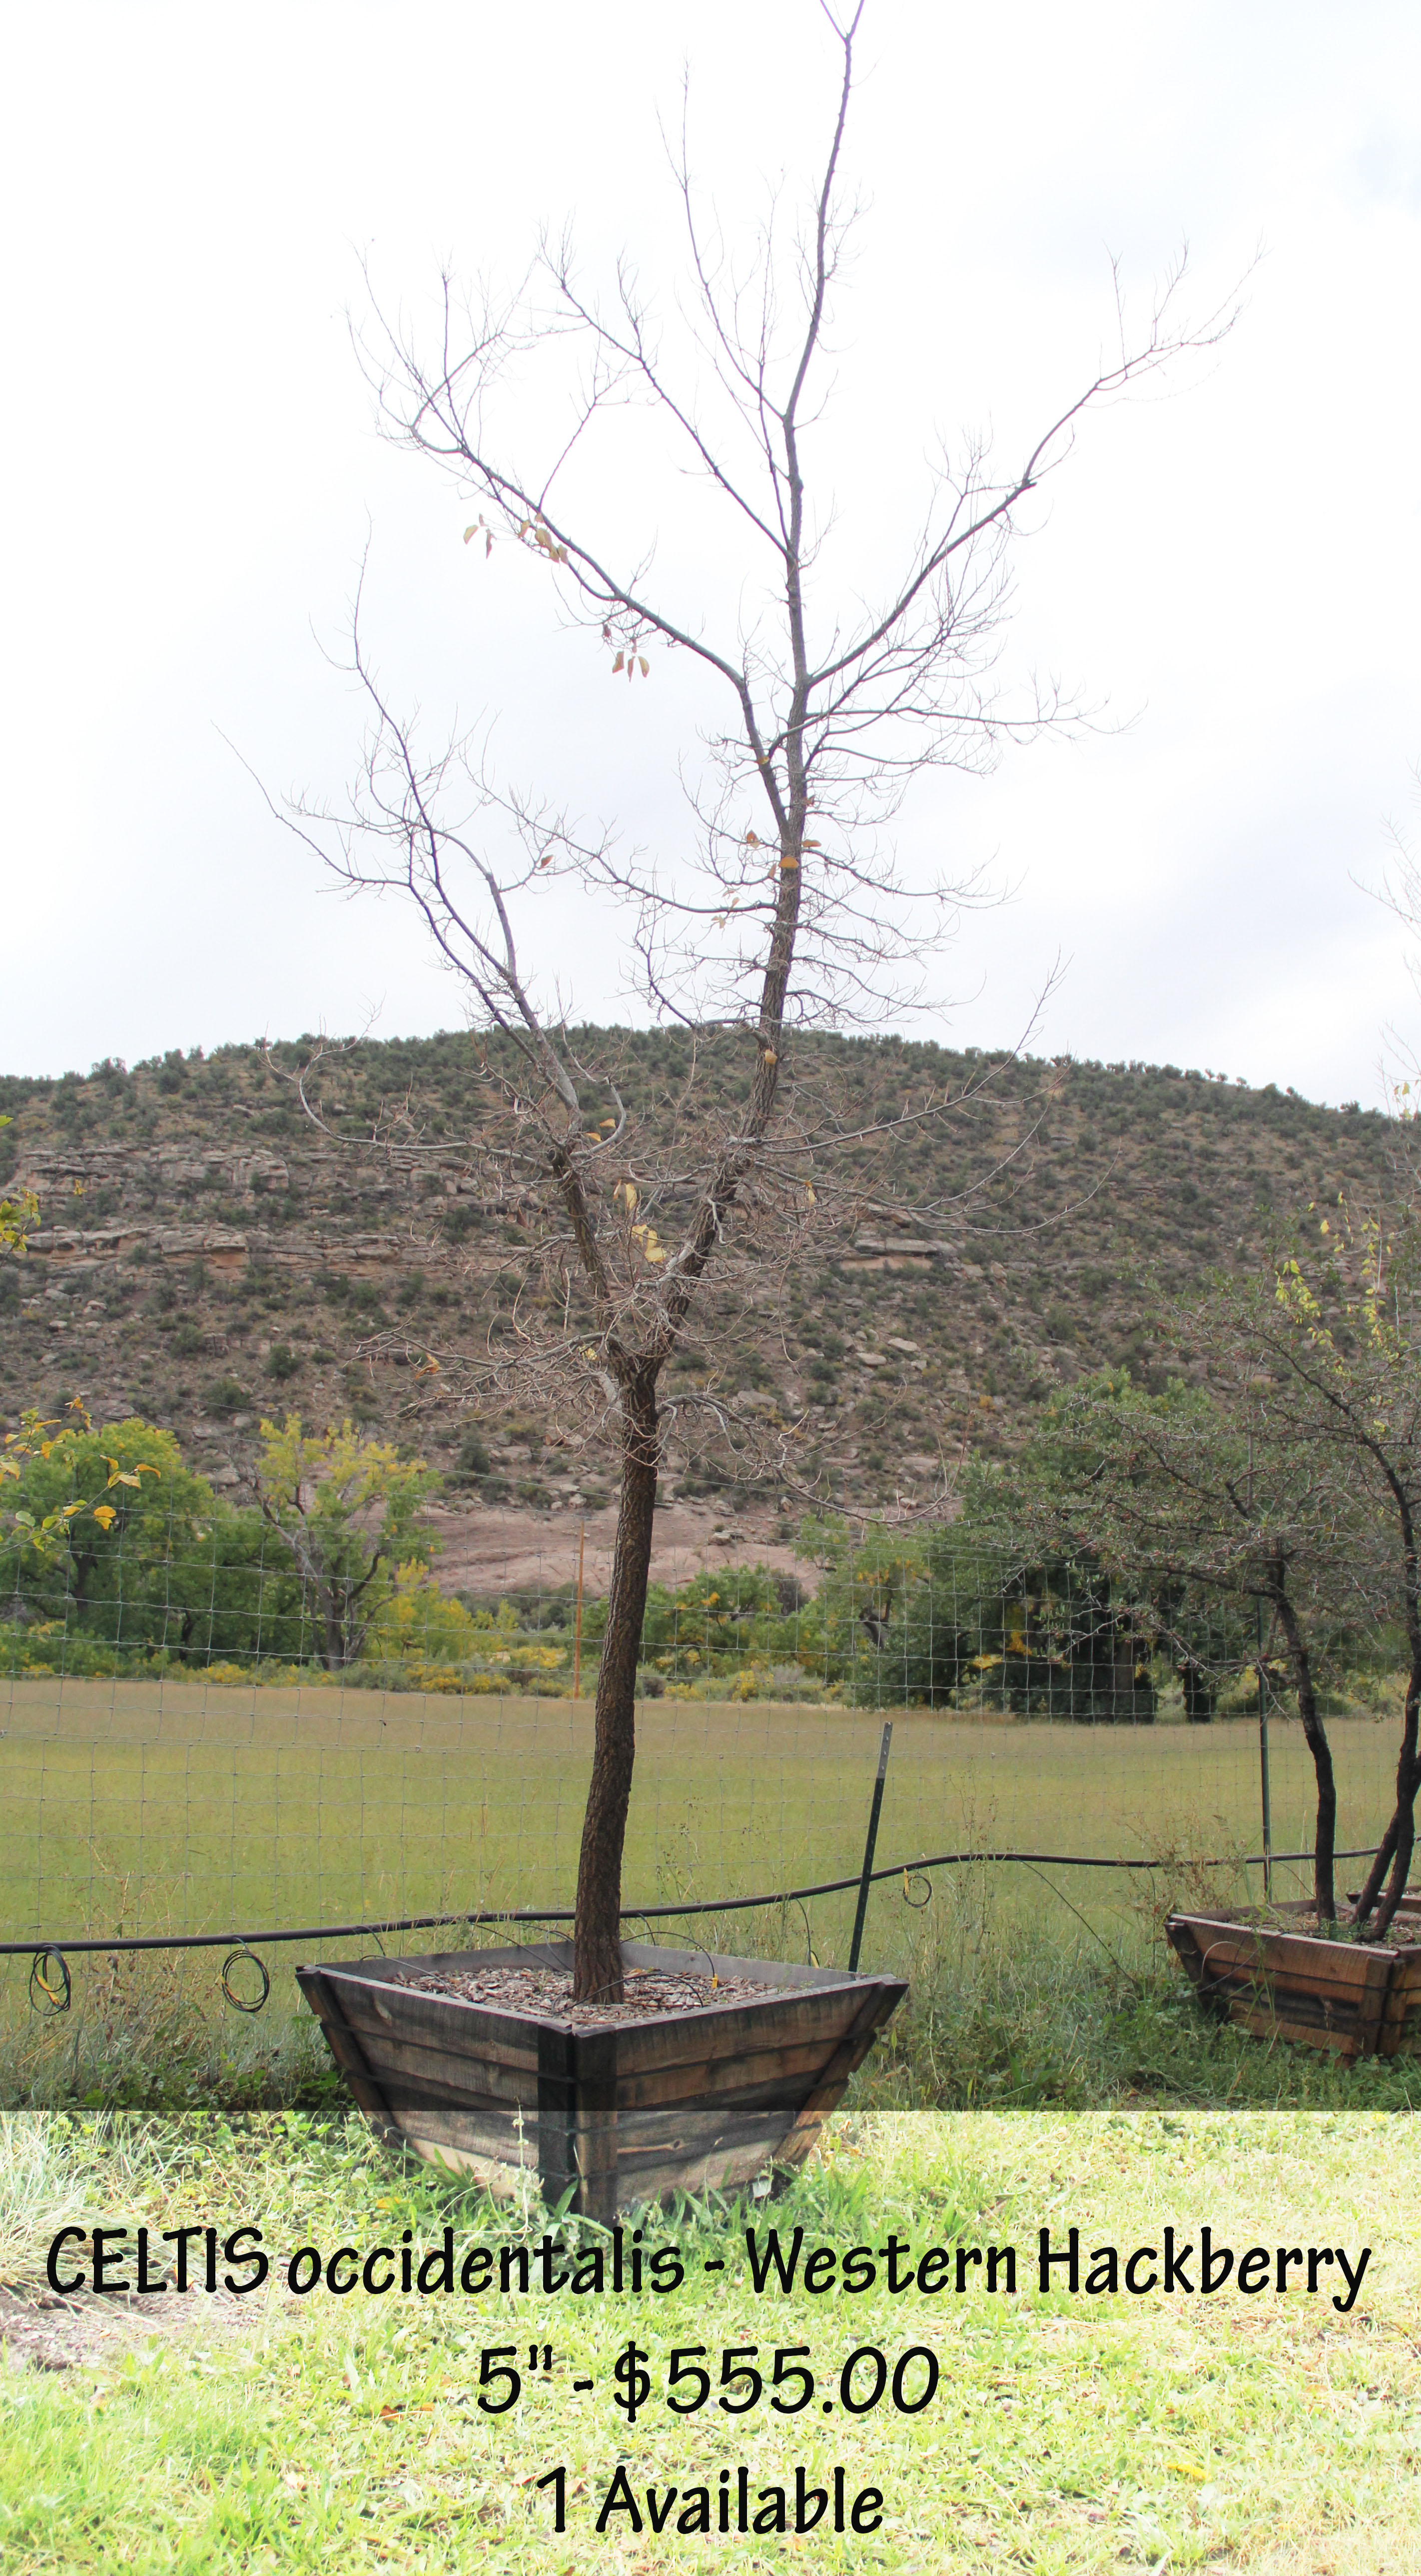 Western Hackberry